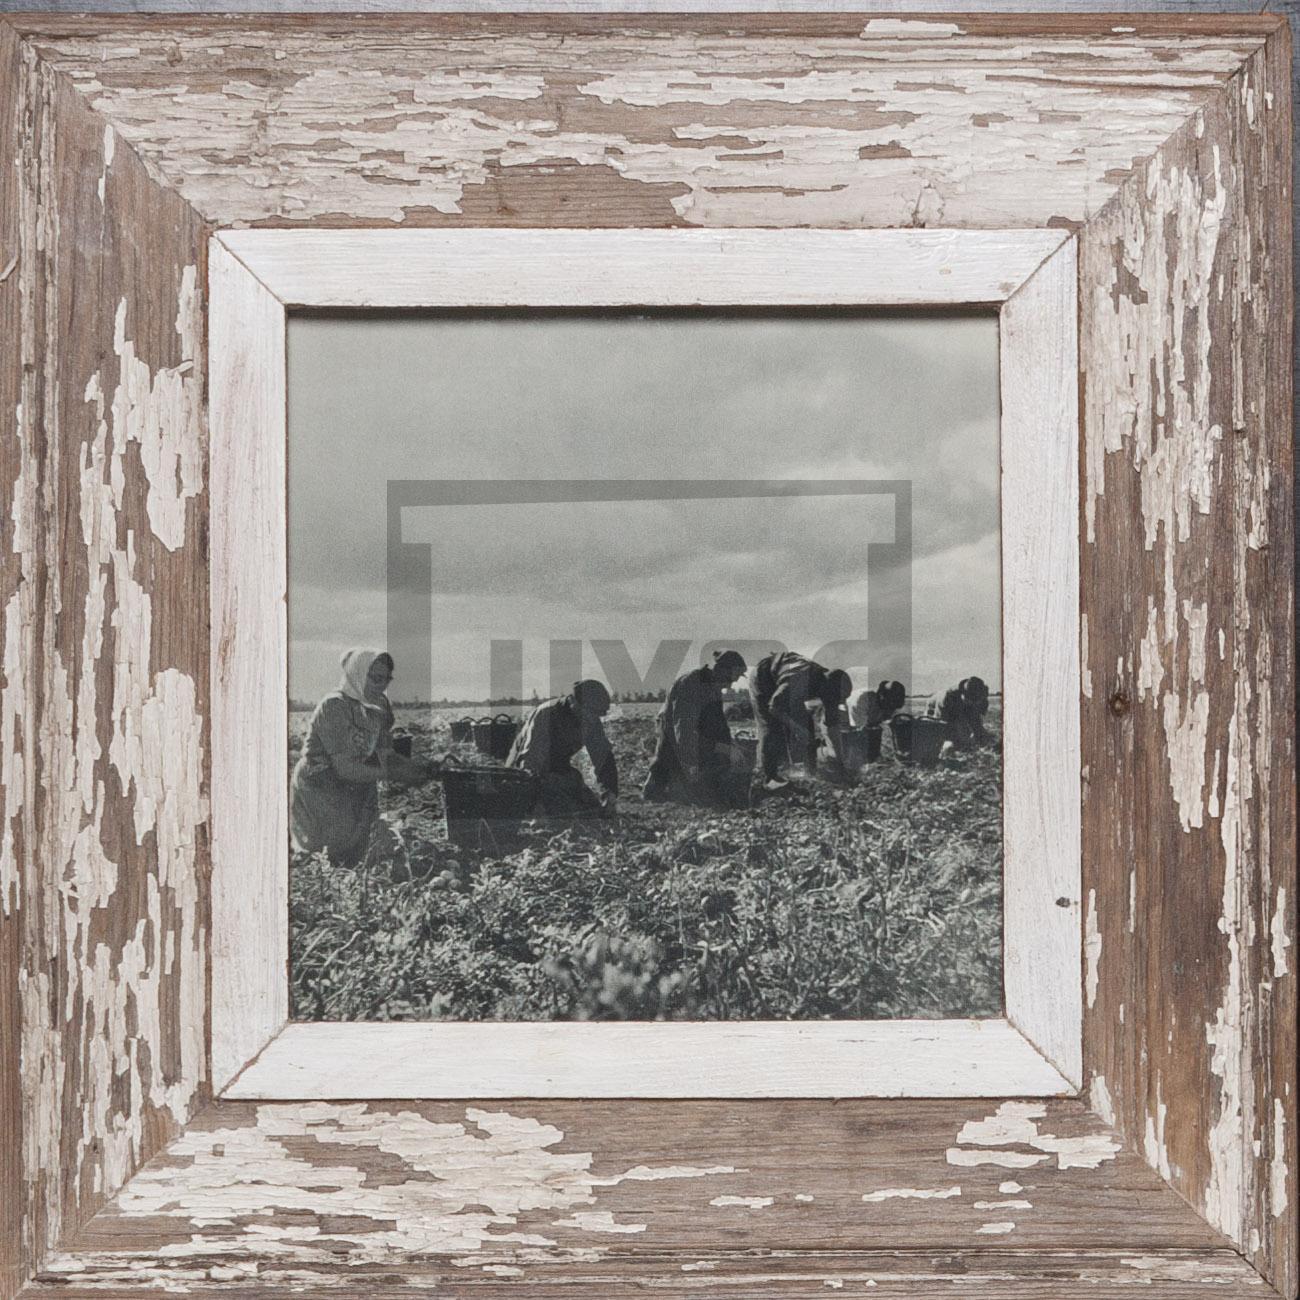 Quadratischer Altholz-Bilderrahmen für dein Lieblingsfoto